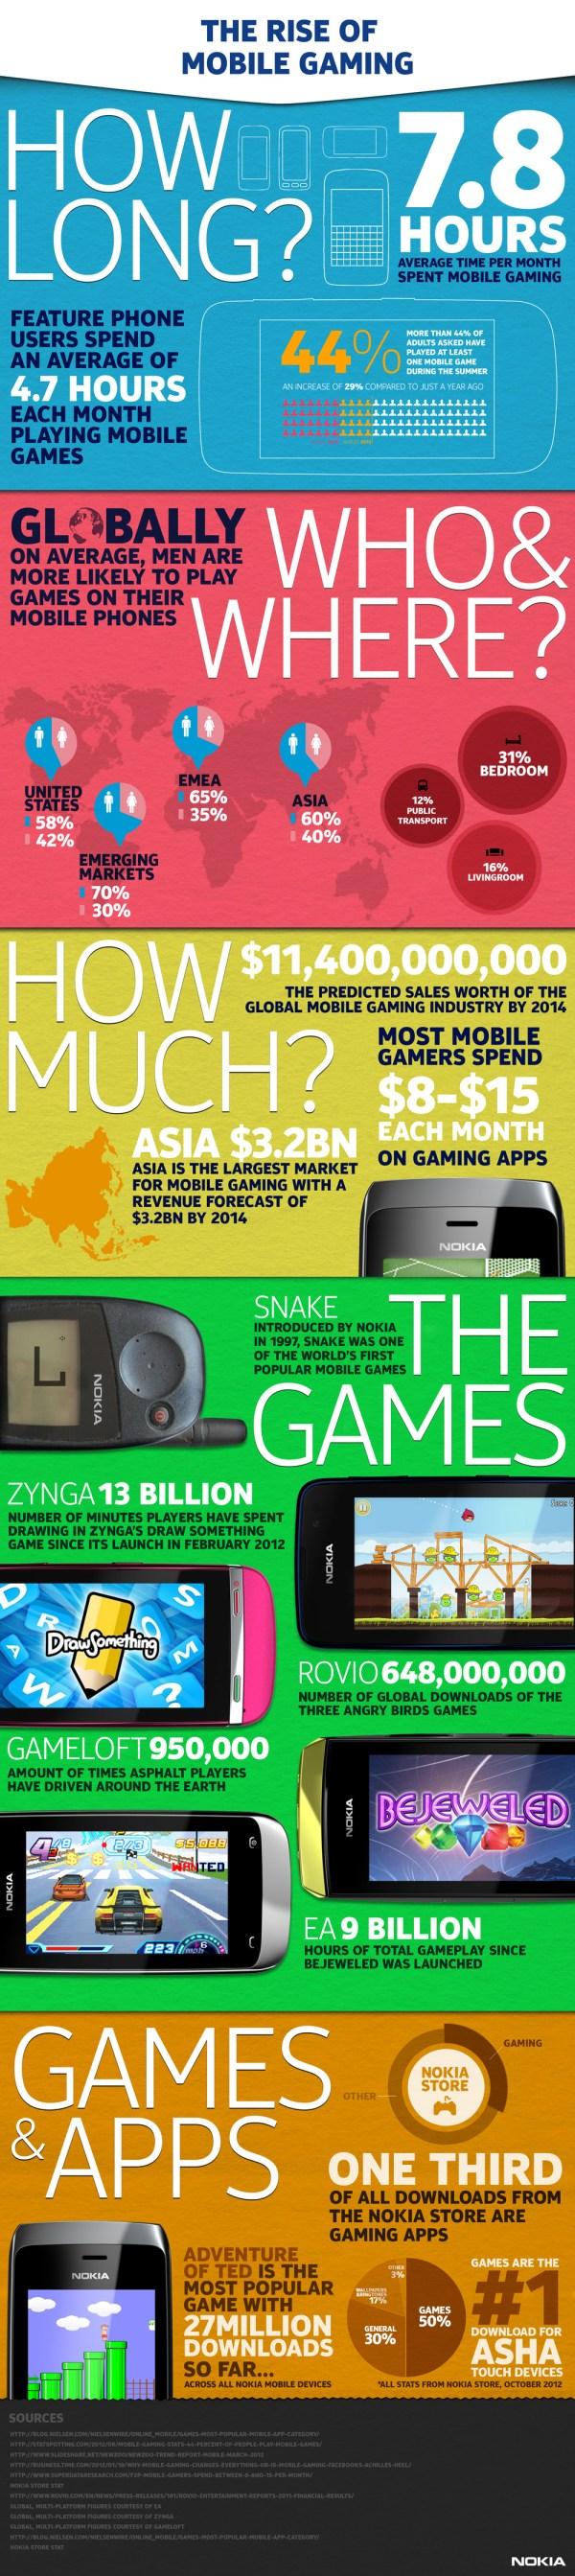 El crecimiento de la industria de juegos móviles en Nokia [Infografía] - nokia.mp_.infographic_v11-MiddleRes1